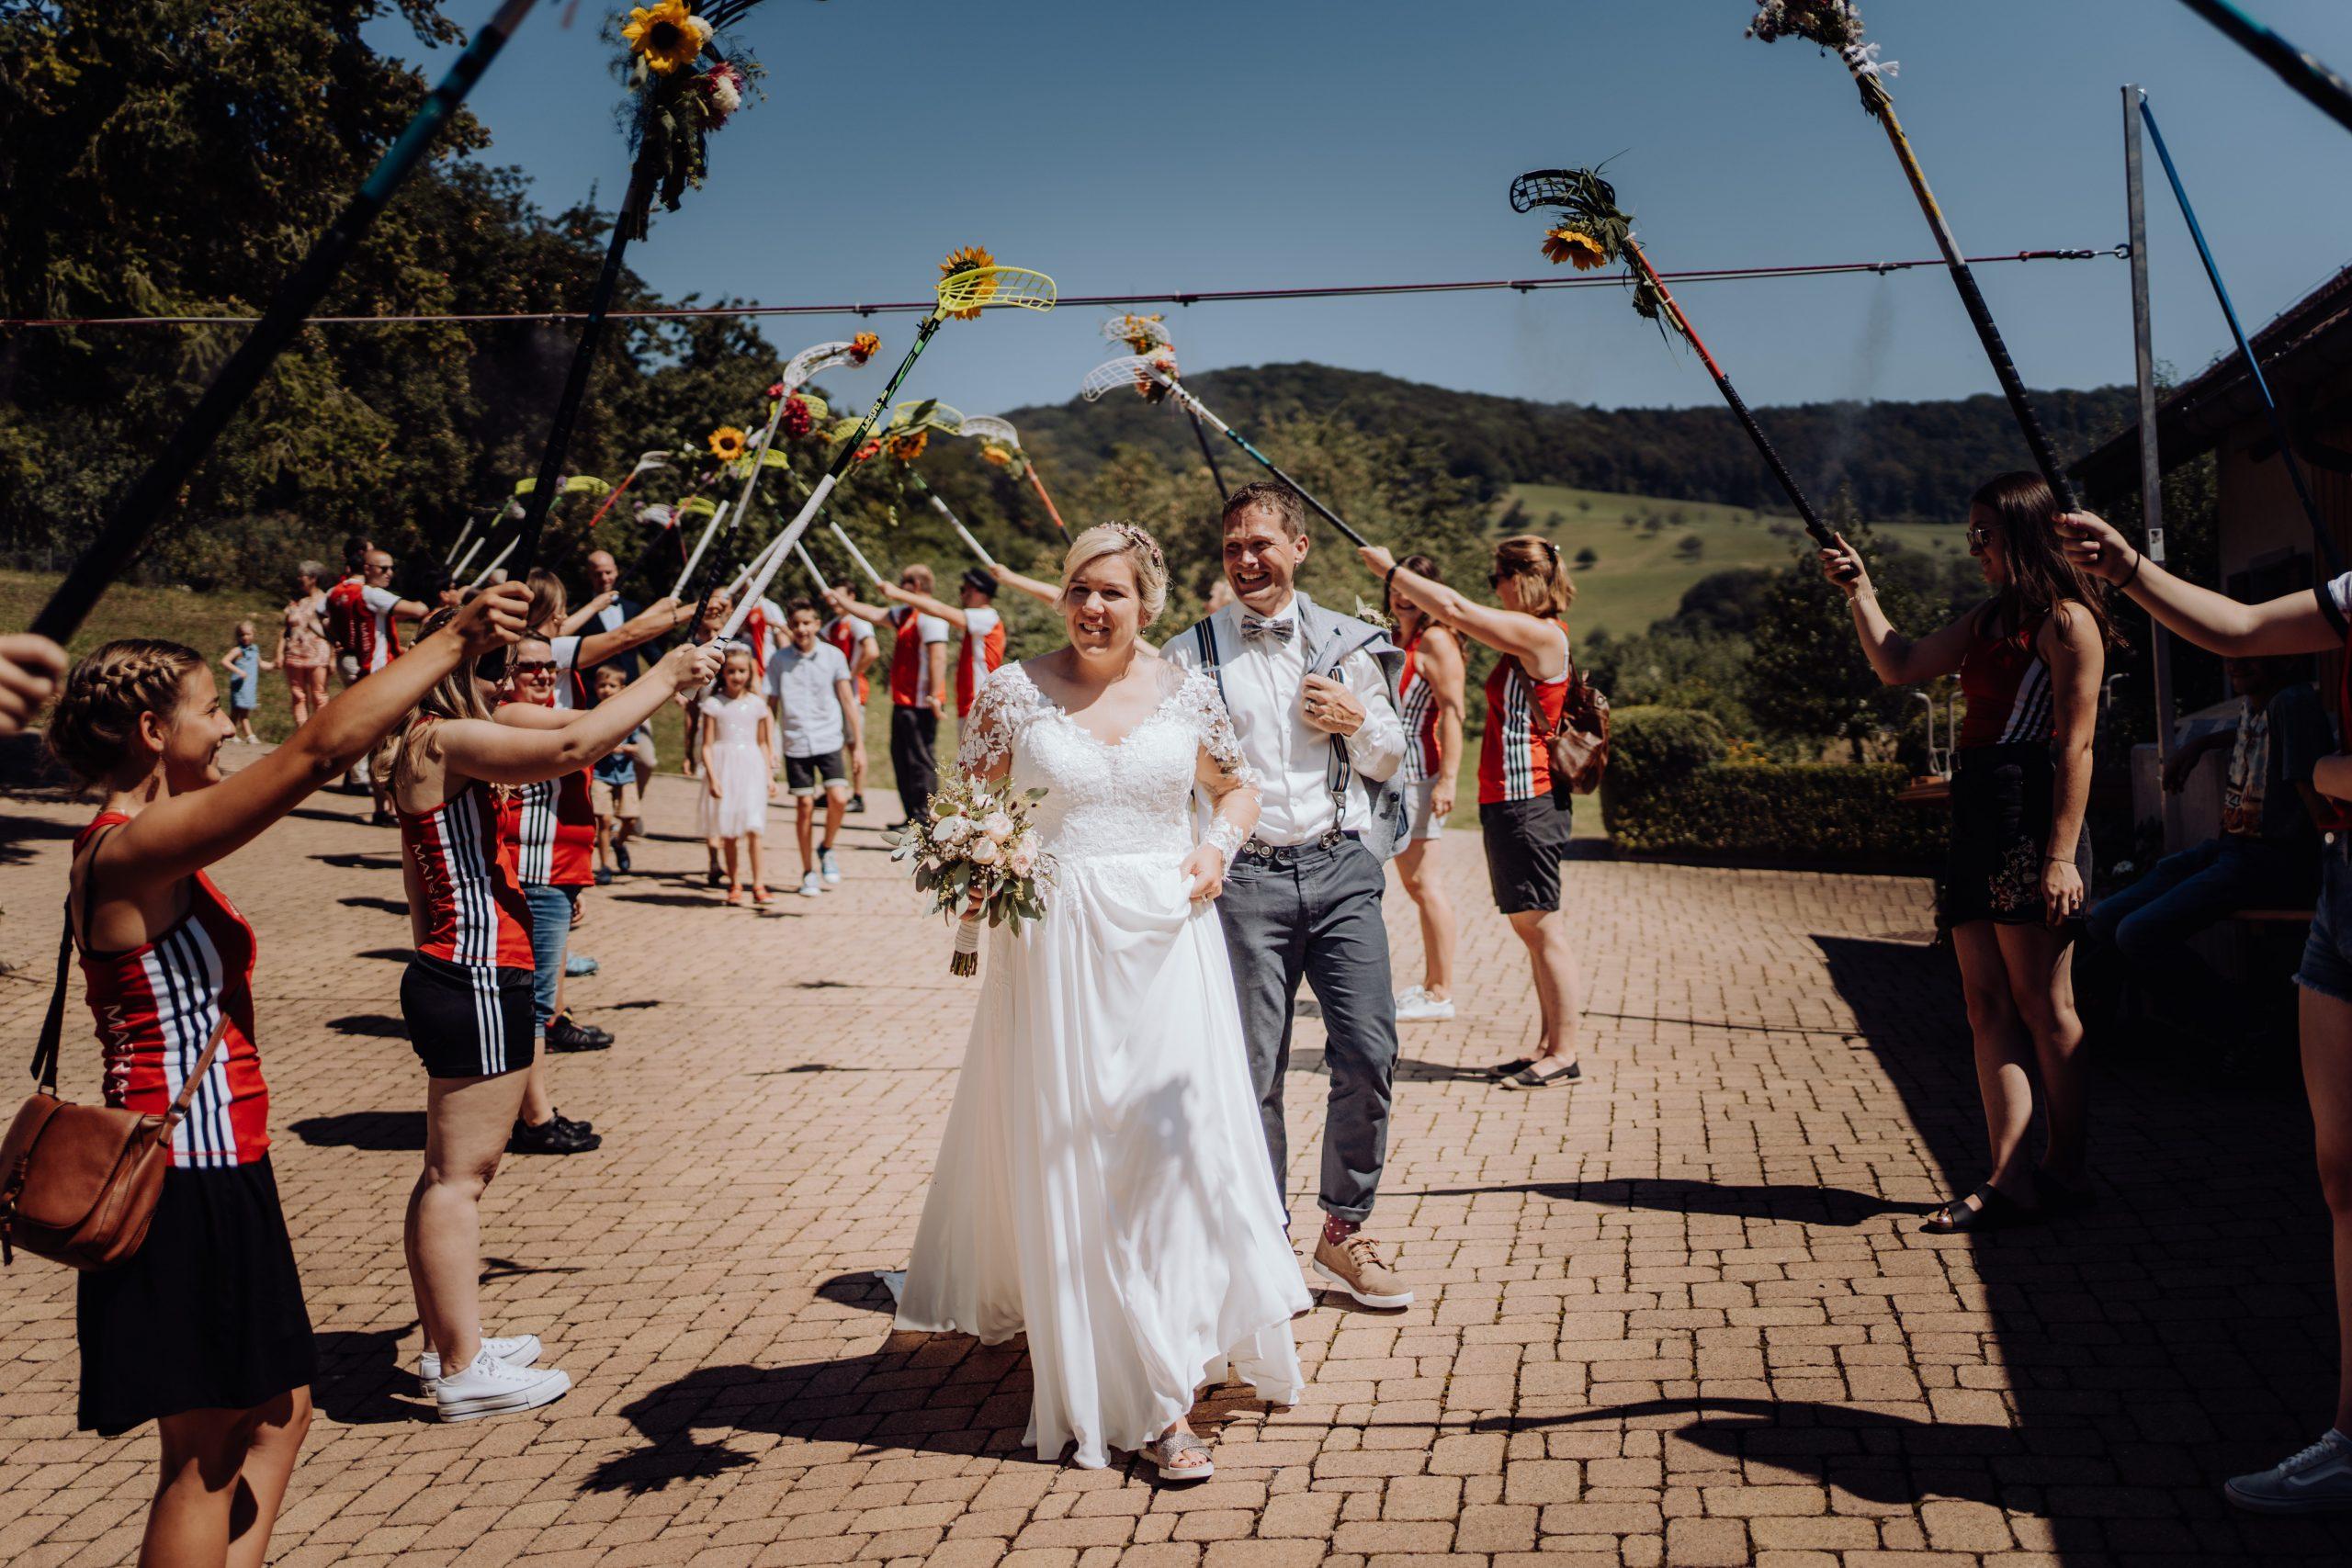 A7306674 scaled - Hochzeit